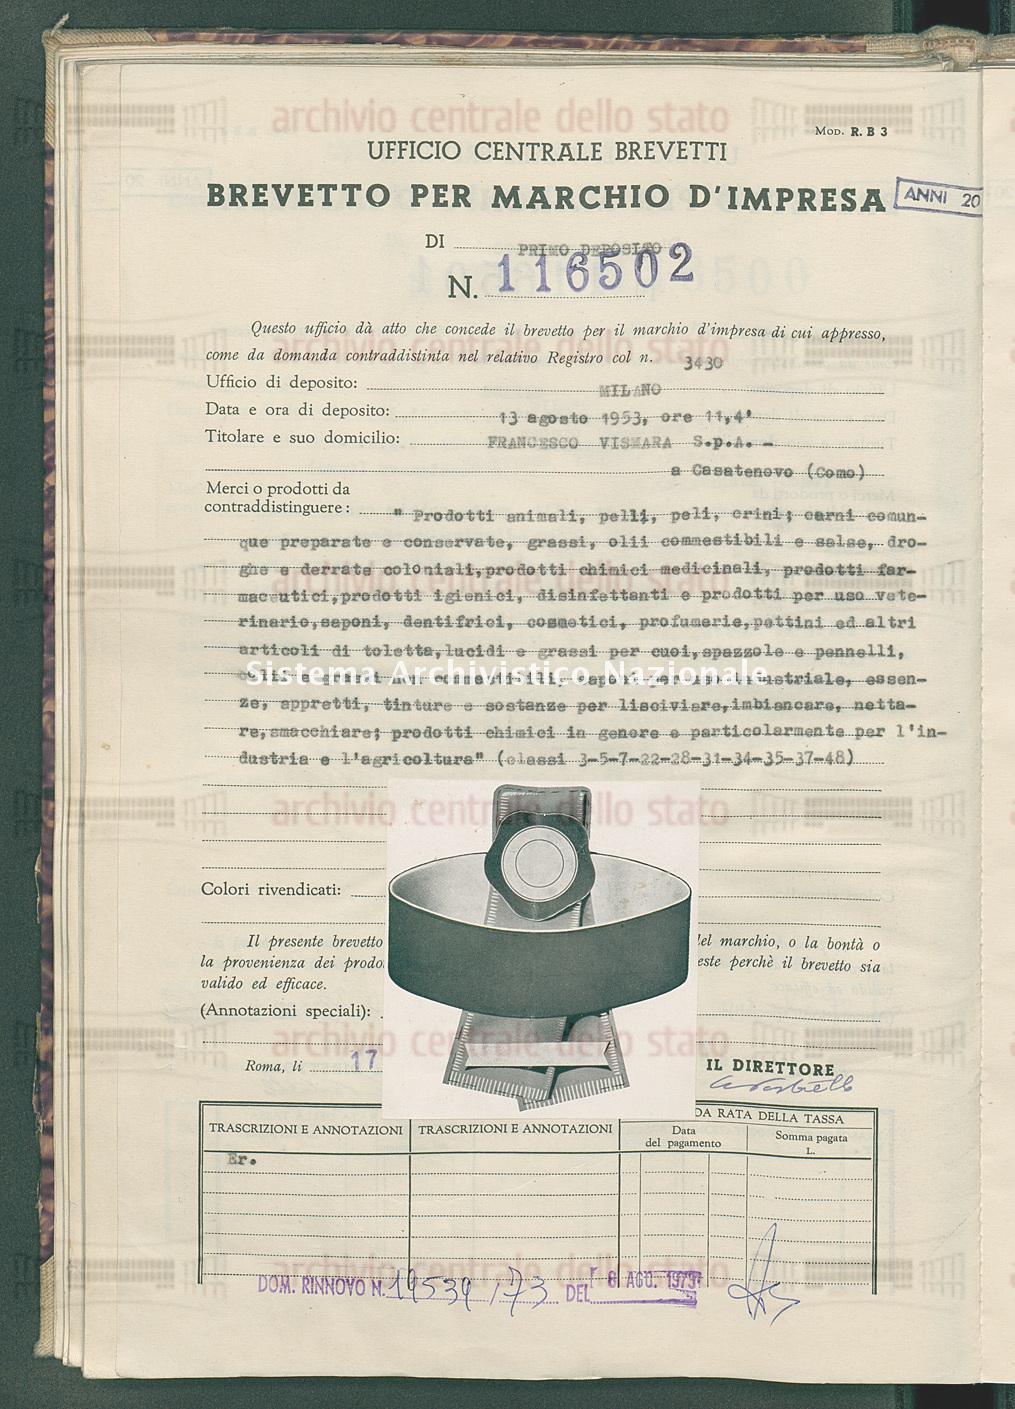 'Prodotti animali, pelli, peli, crini; carni comunque preparate ecc. Francesco Vismara S.P.A. (17/03/1954)